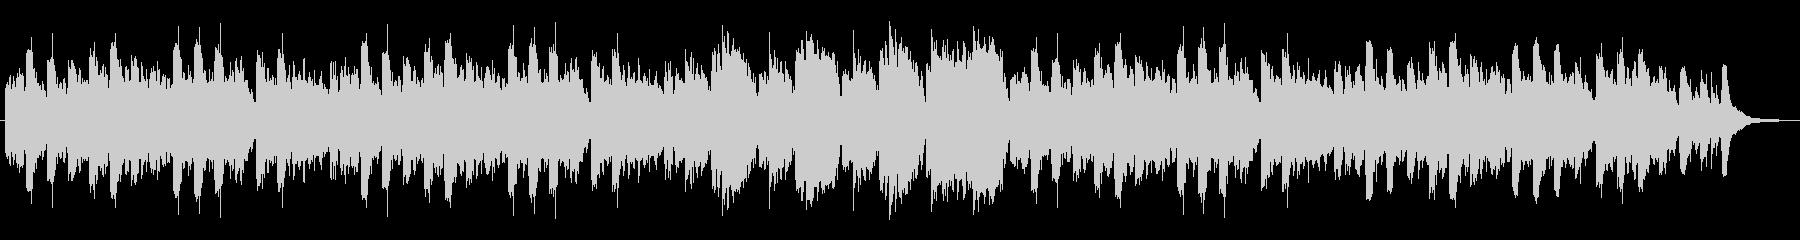 オカリナ・アコースティックギター、静bの未再生の波形